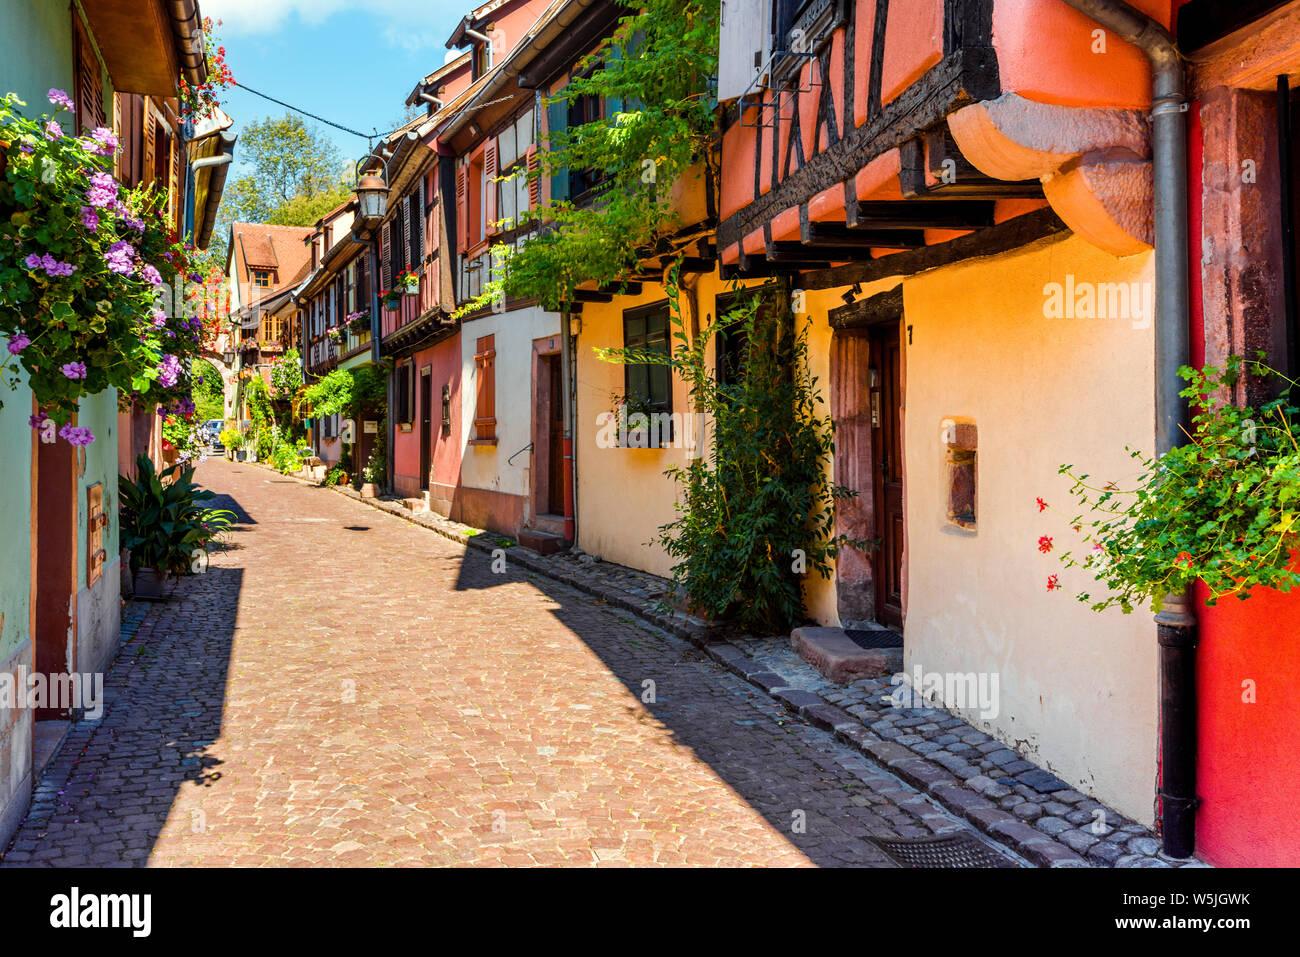 Voie pittoresque coloré dans la vieille ville de Kaysersberg, Alsace, France, maisons à colombages avec décoration florale Banque D'Images